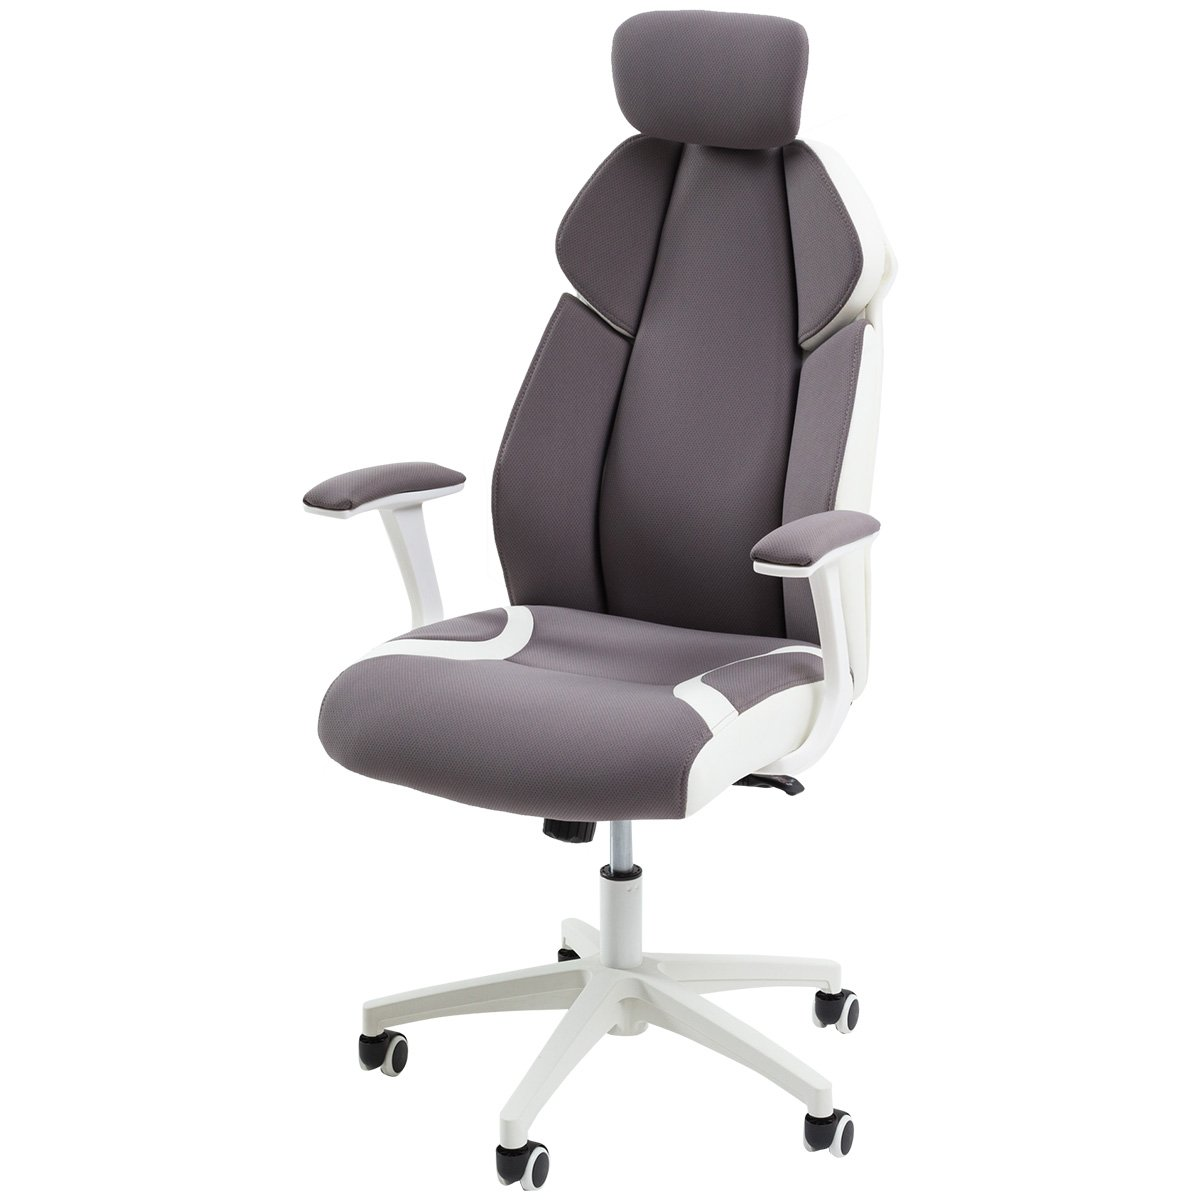 【今までの快適を覆す!包み込む3Dクッションオフィスチェアー】 高品質快適メッシュチェア(マイクロファイバー仕様) 角度をキープするリクライニング機能 ハイバック椅子 肘置きクッション 角度可変ヘッドレスト付き (グレー色)  グレー B01MD0YPG3